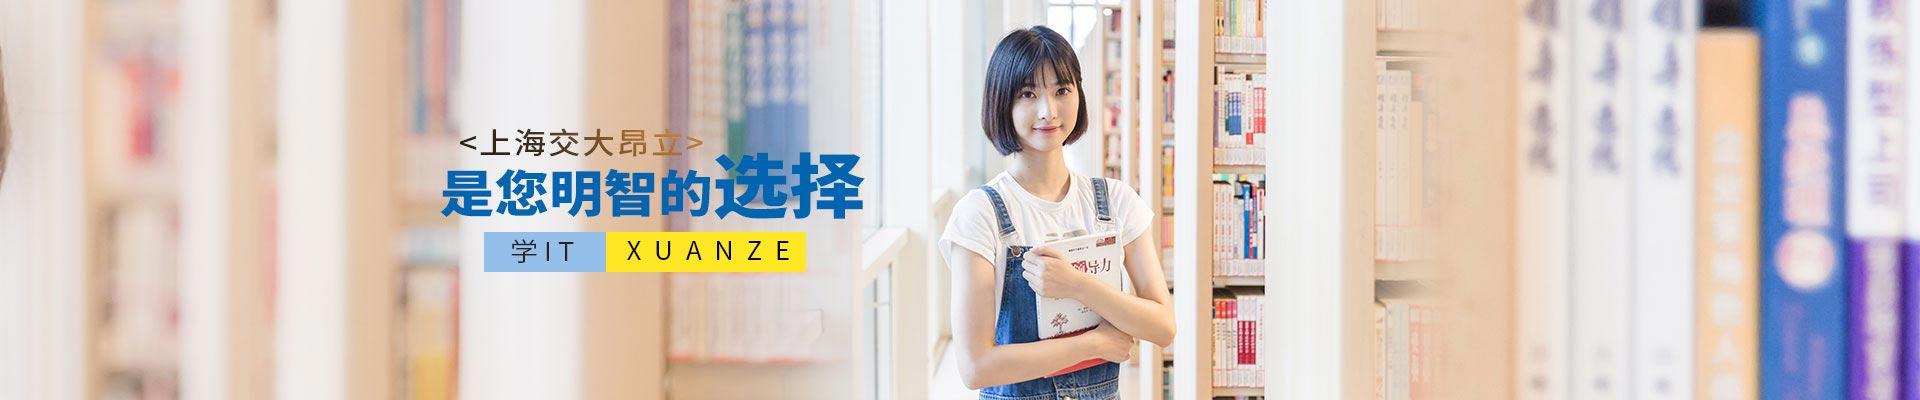 上海交大昂立IT教育